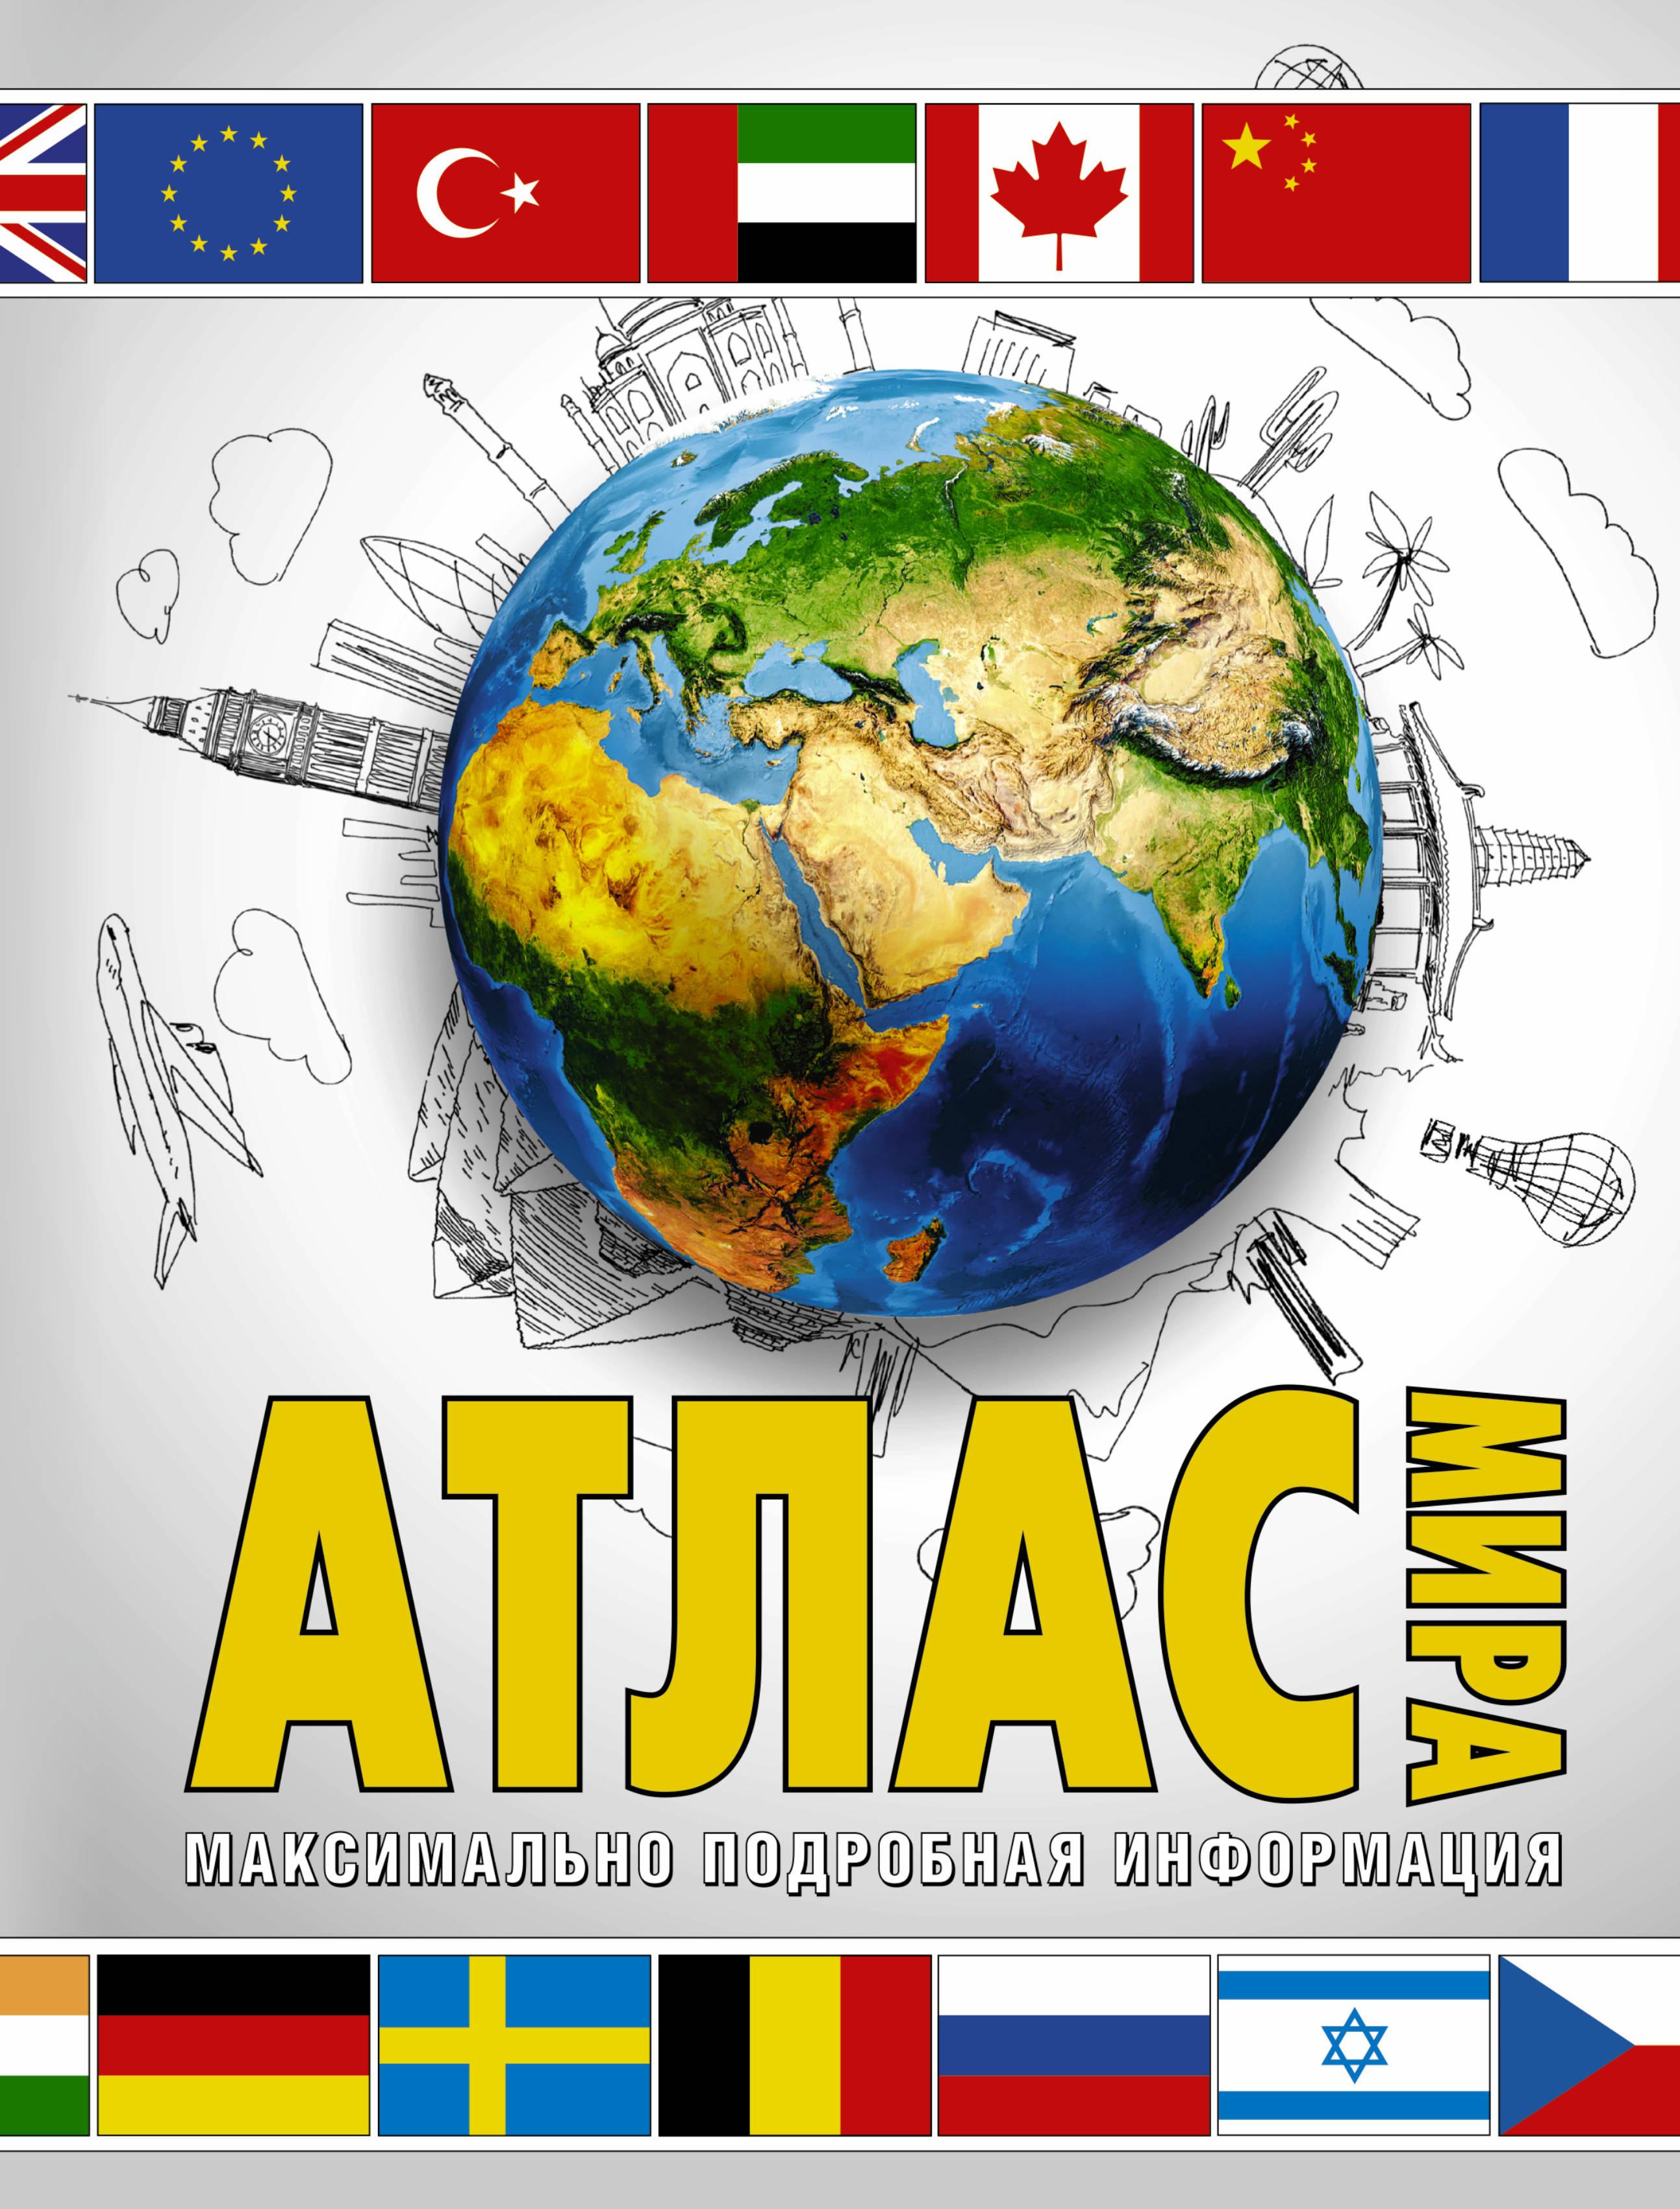 Атлас мира. Максимально подробная информация (бел.) ( .  )